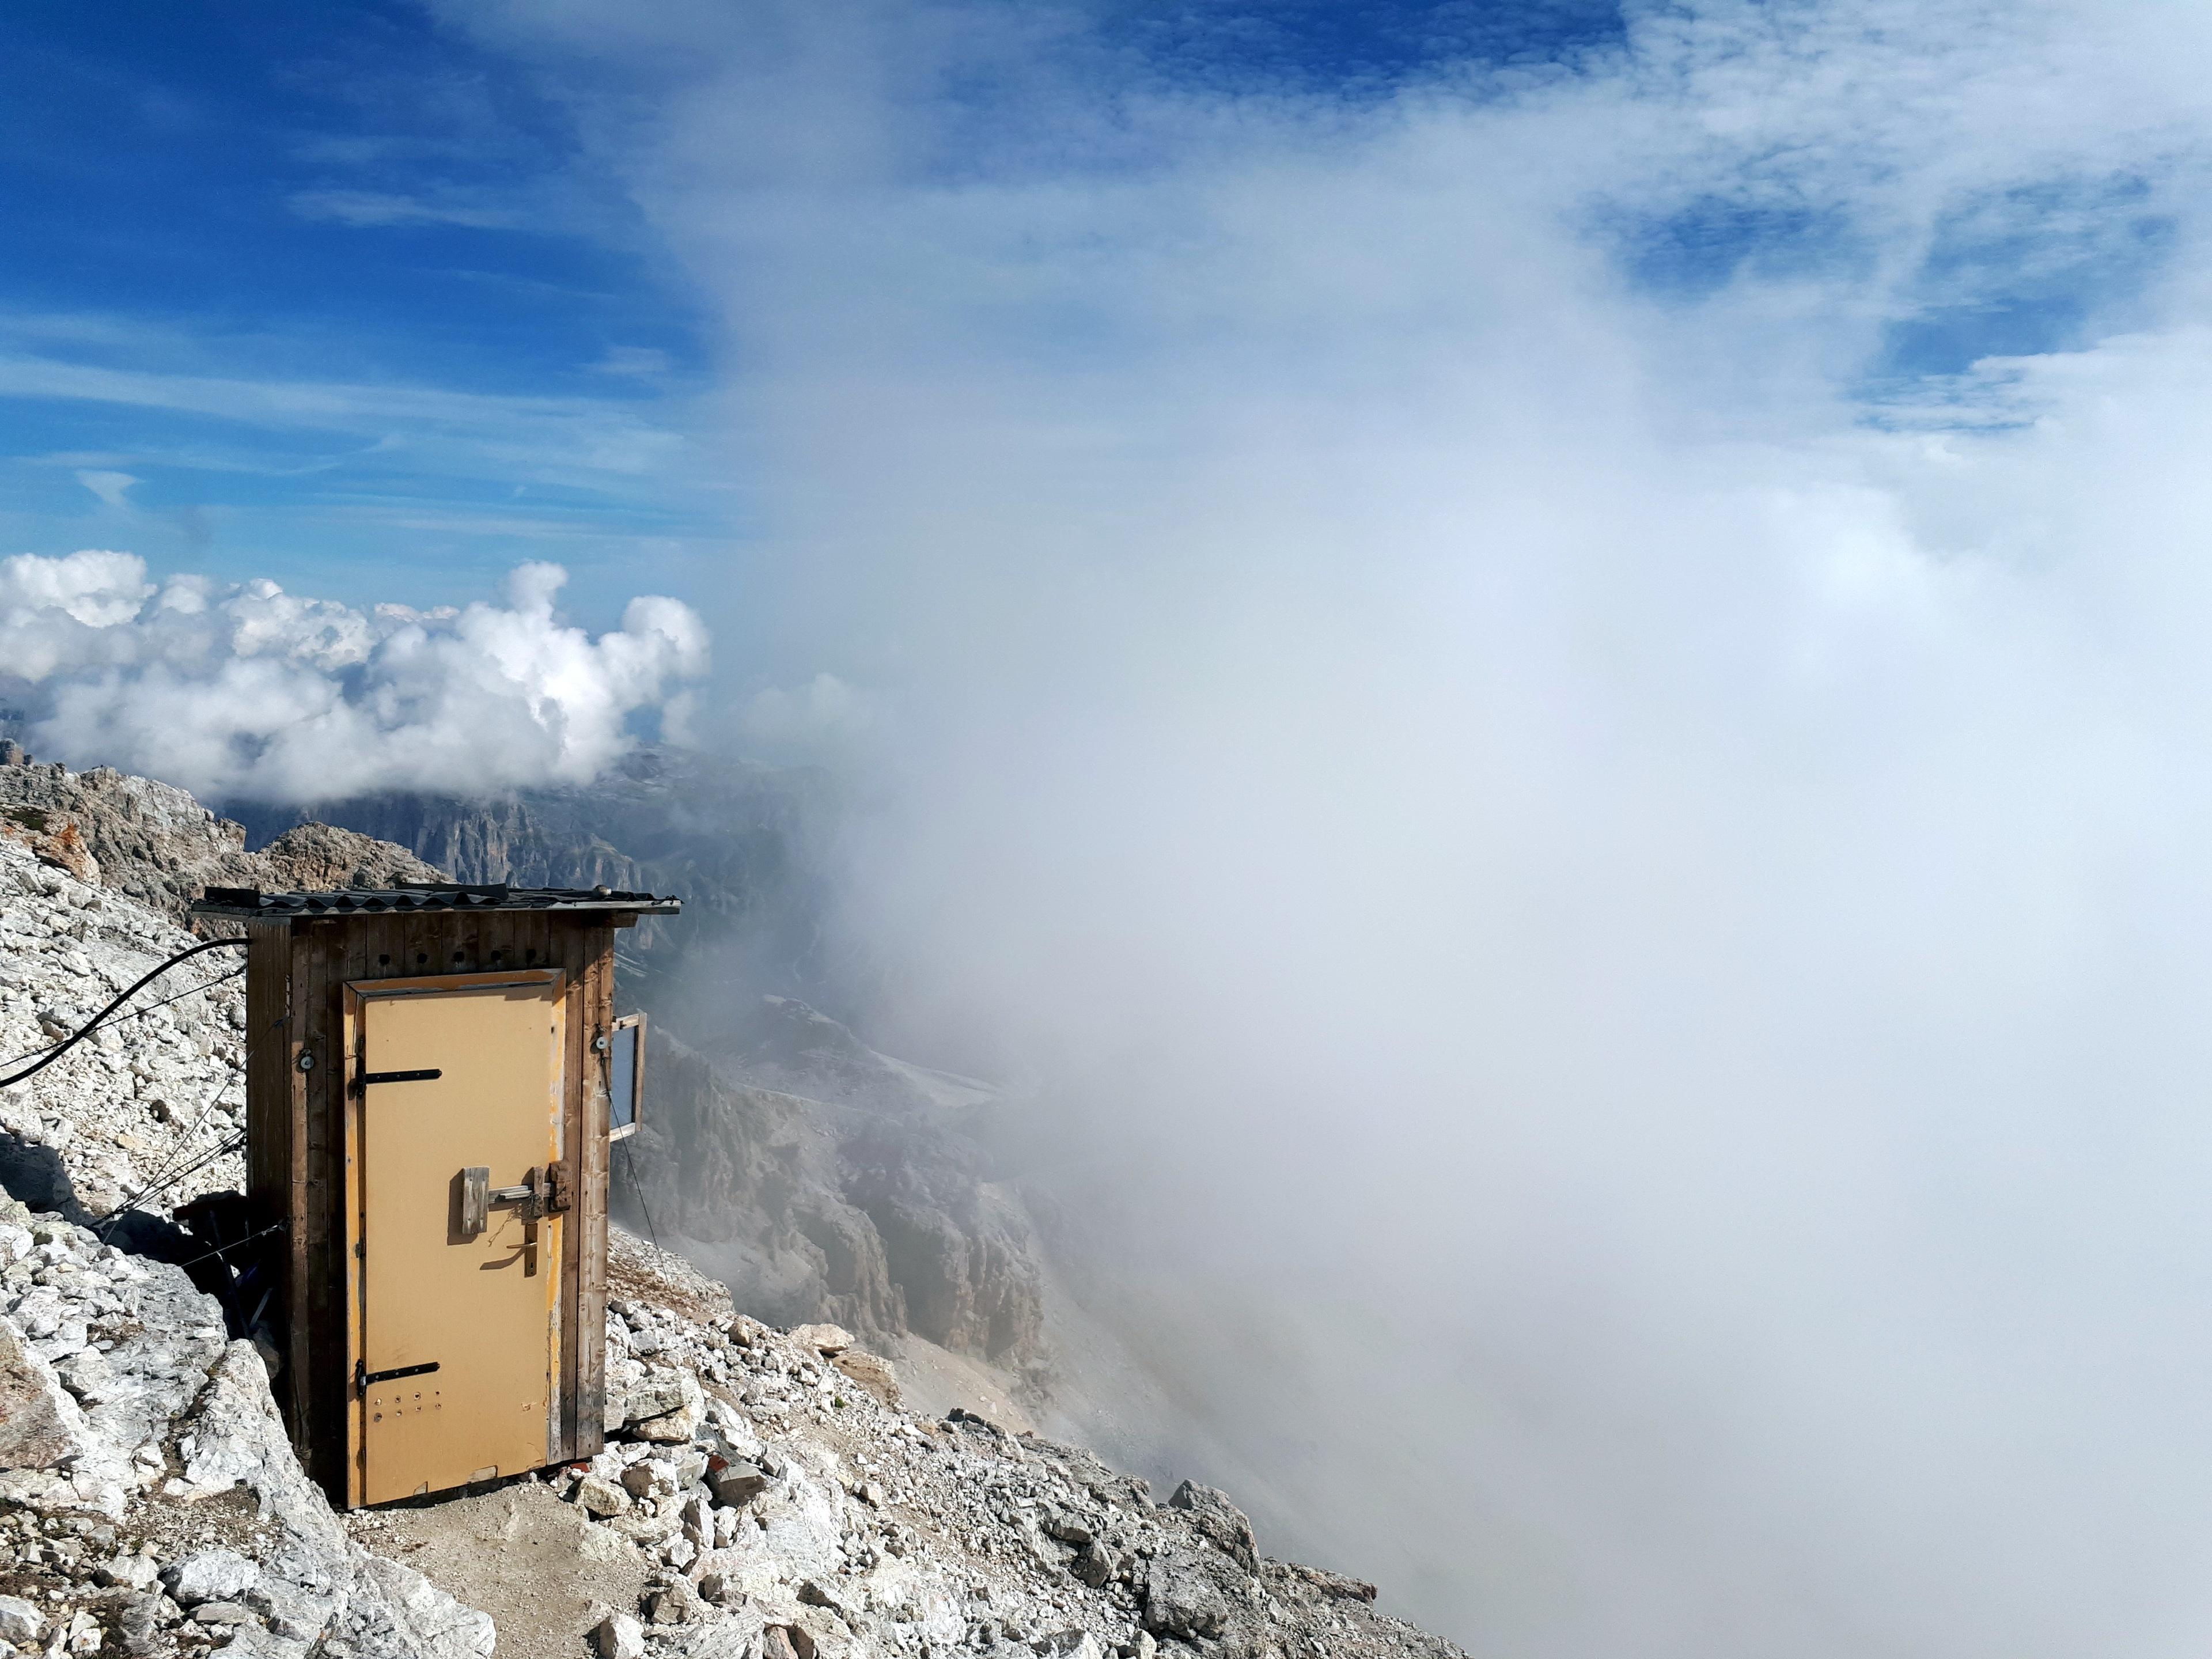 wc alpinistico in tutto il suo splendore